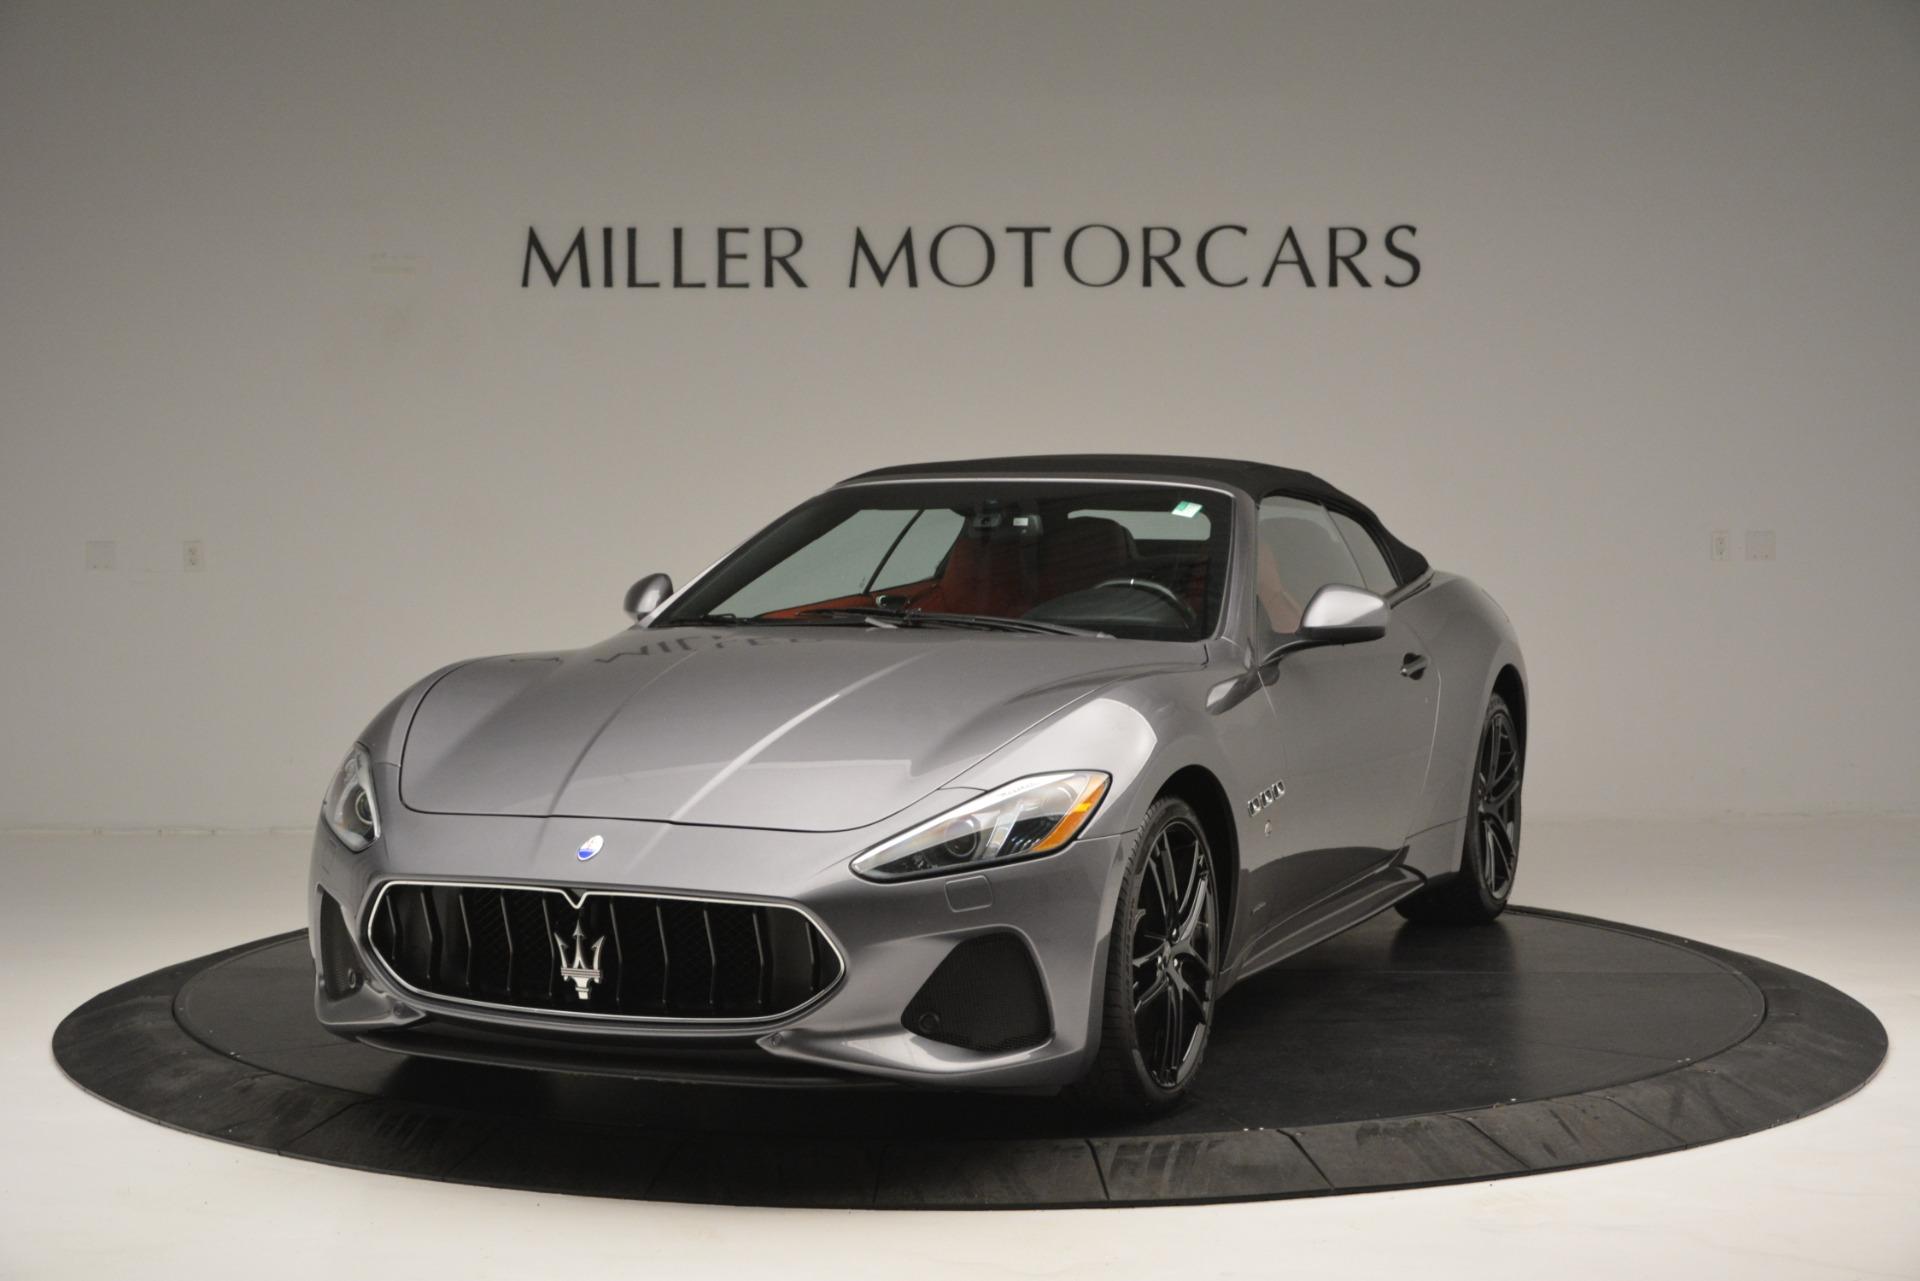 Used 2018 Maserati GranTurismo Sport For Sale In Greenwich, CT. Alfa Romeo of Greenwich, 7626 2637_p10